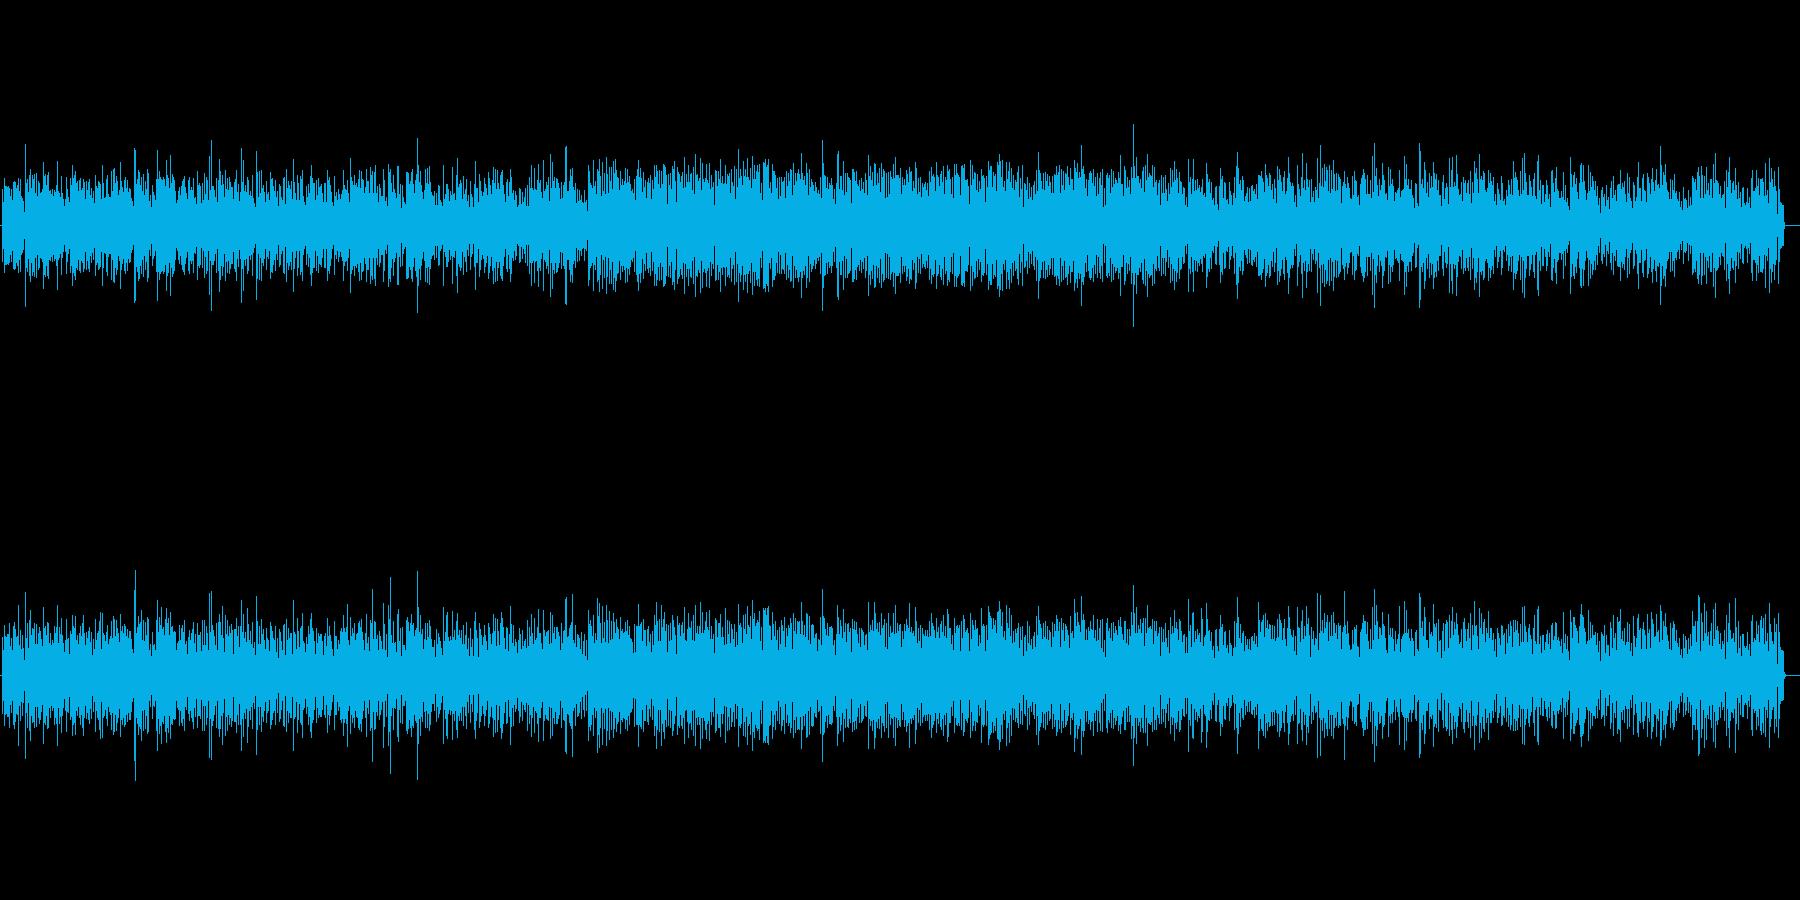 リズミカルなビブラフォンの軽やかな音色の再生済みの波形